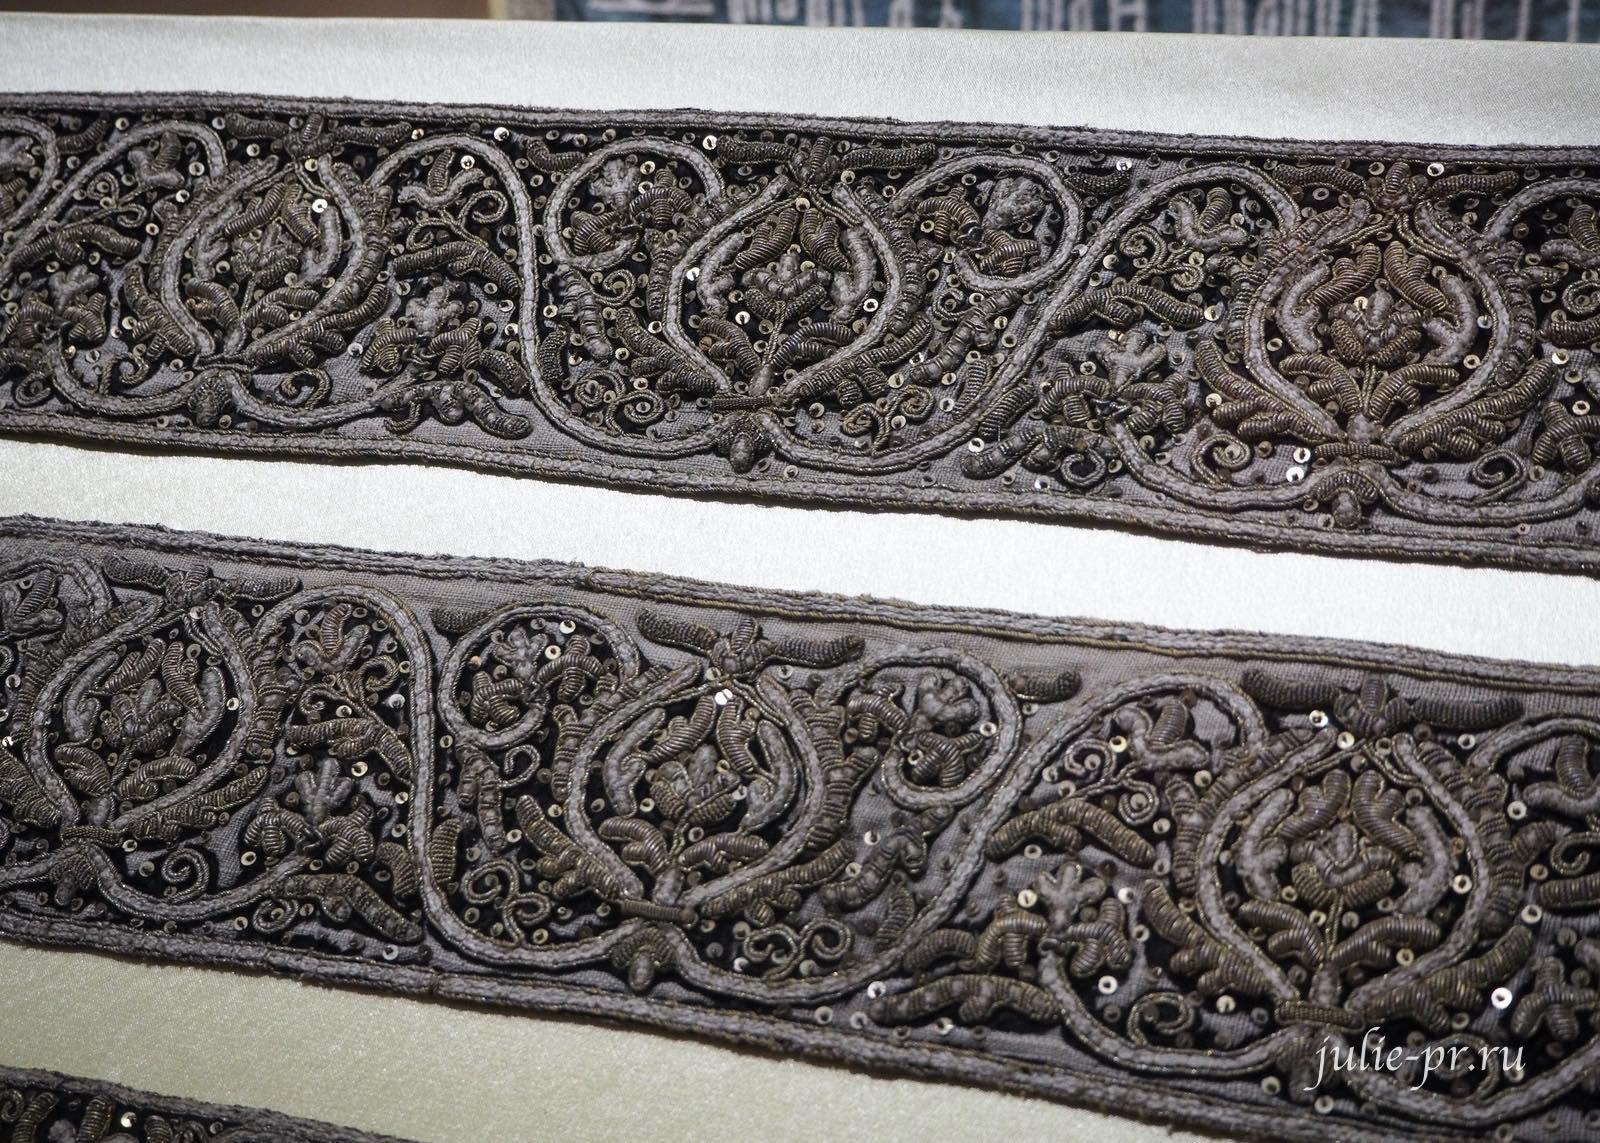 Вышивка с парадного облачения (Россия, вторая половина XVII века): х/б и золотные нити, канитель, блёстки; орнаментальная вышивка